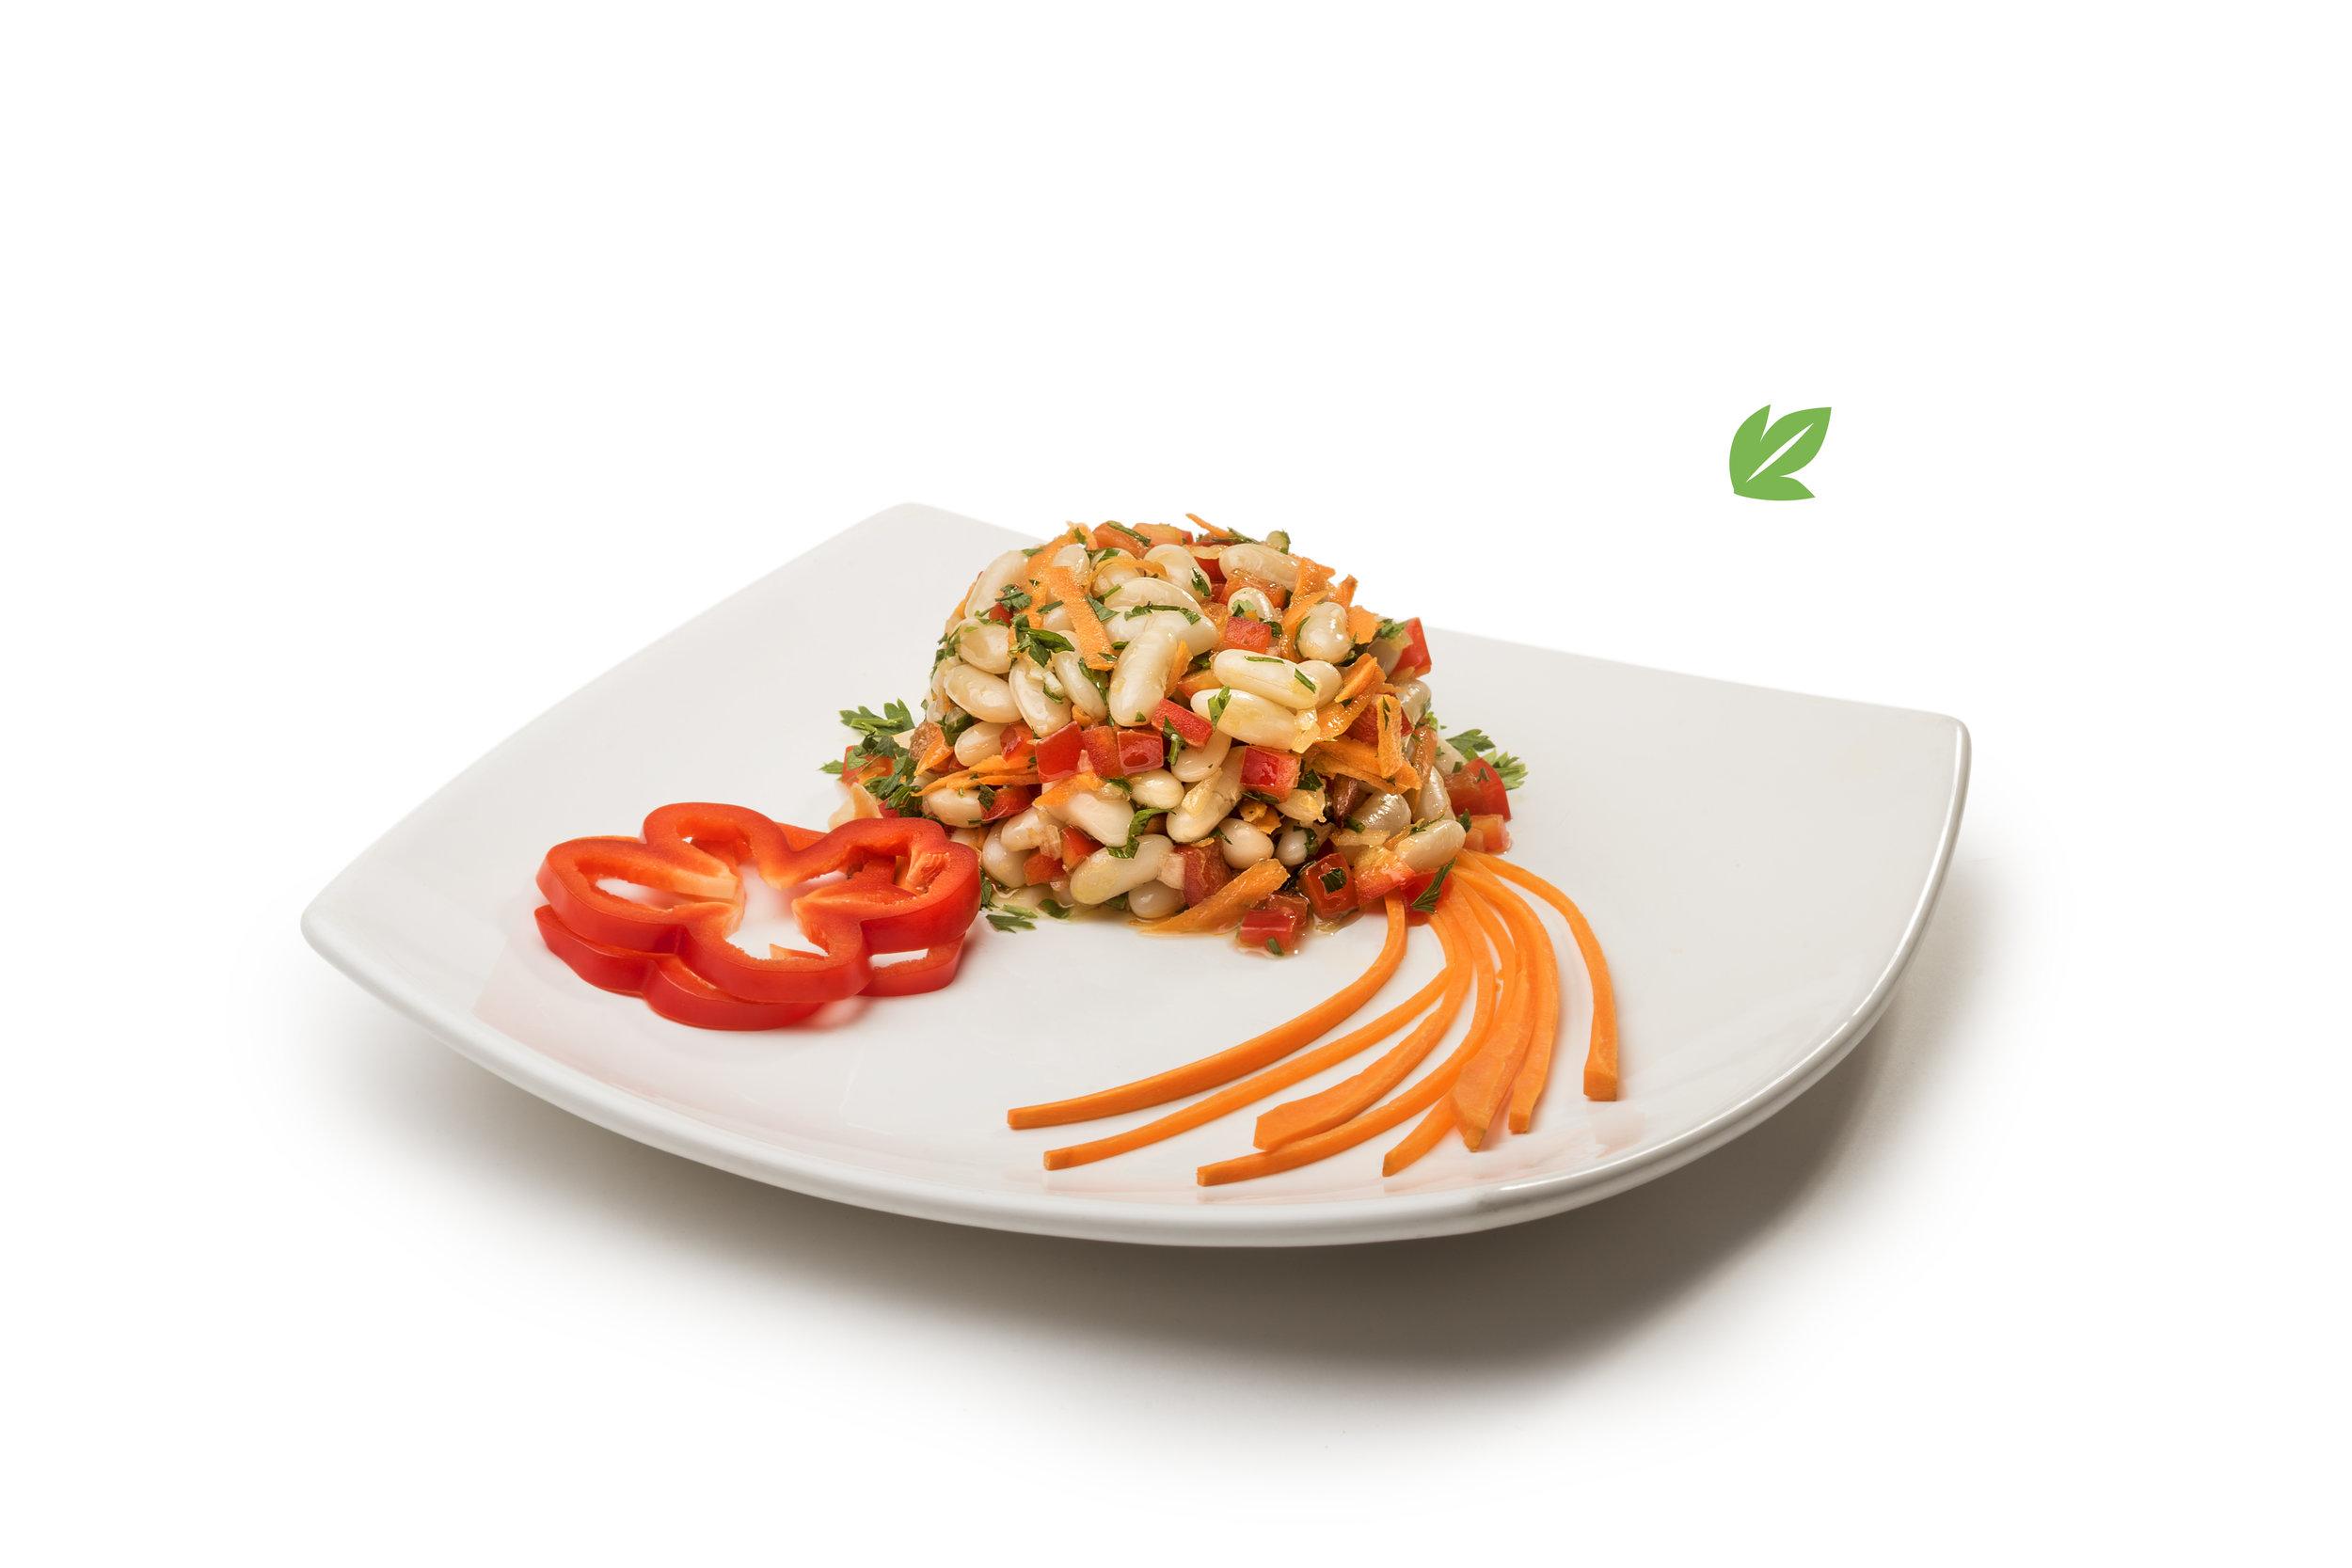 platos con -6-01.jpg